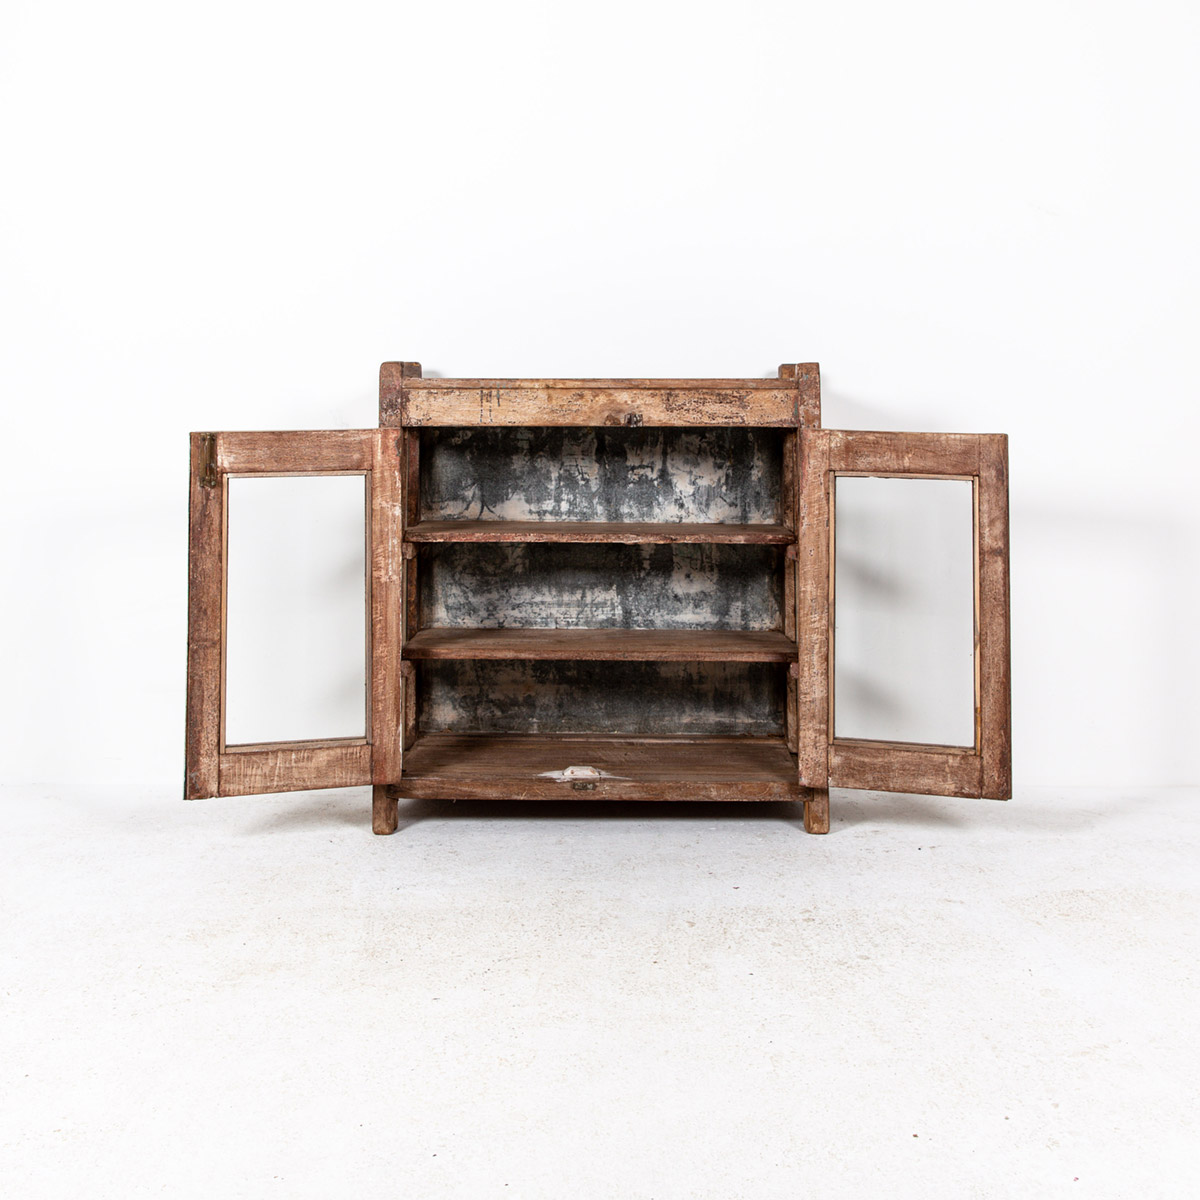 Lage-oude-glazen-kast-2-deuren-bruin-6